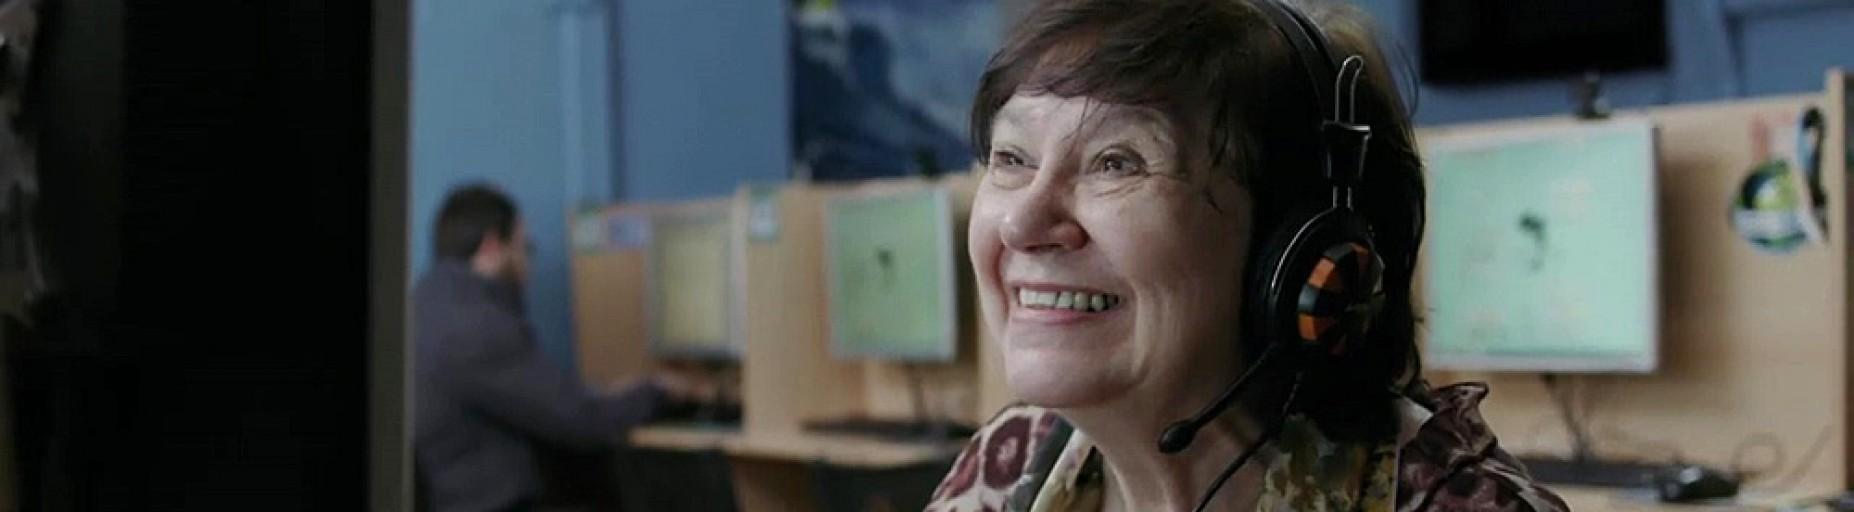 Magyar rövidfilmeket is támogat az Euro Connection